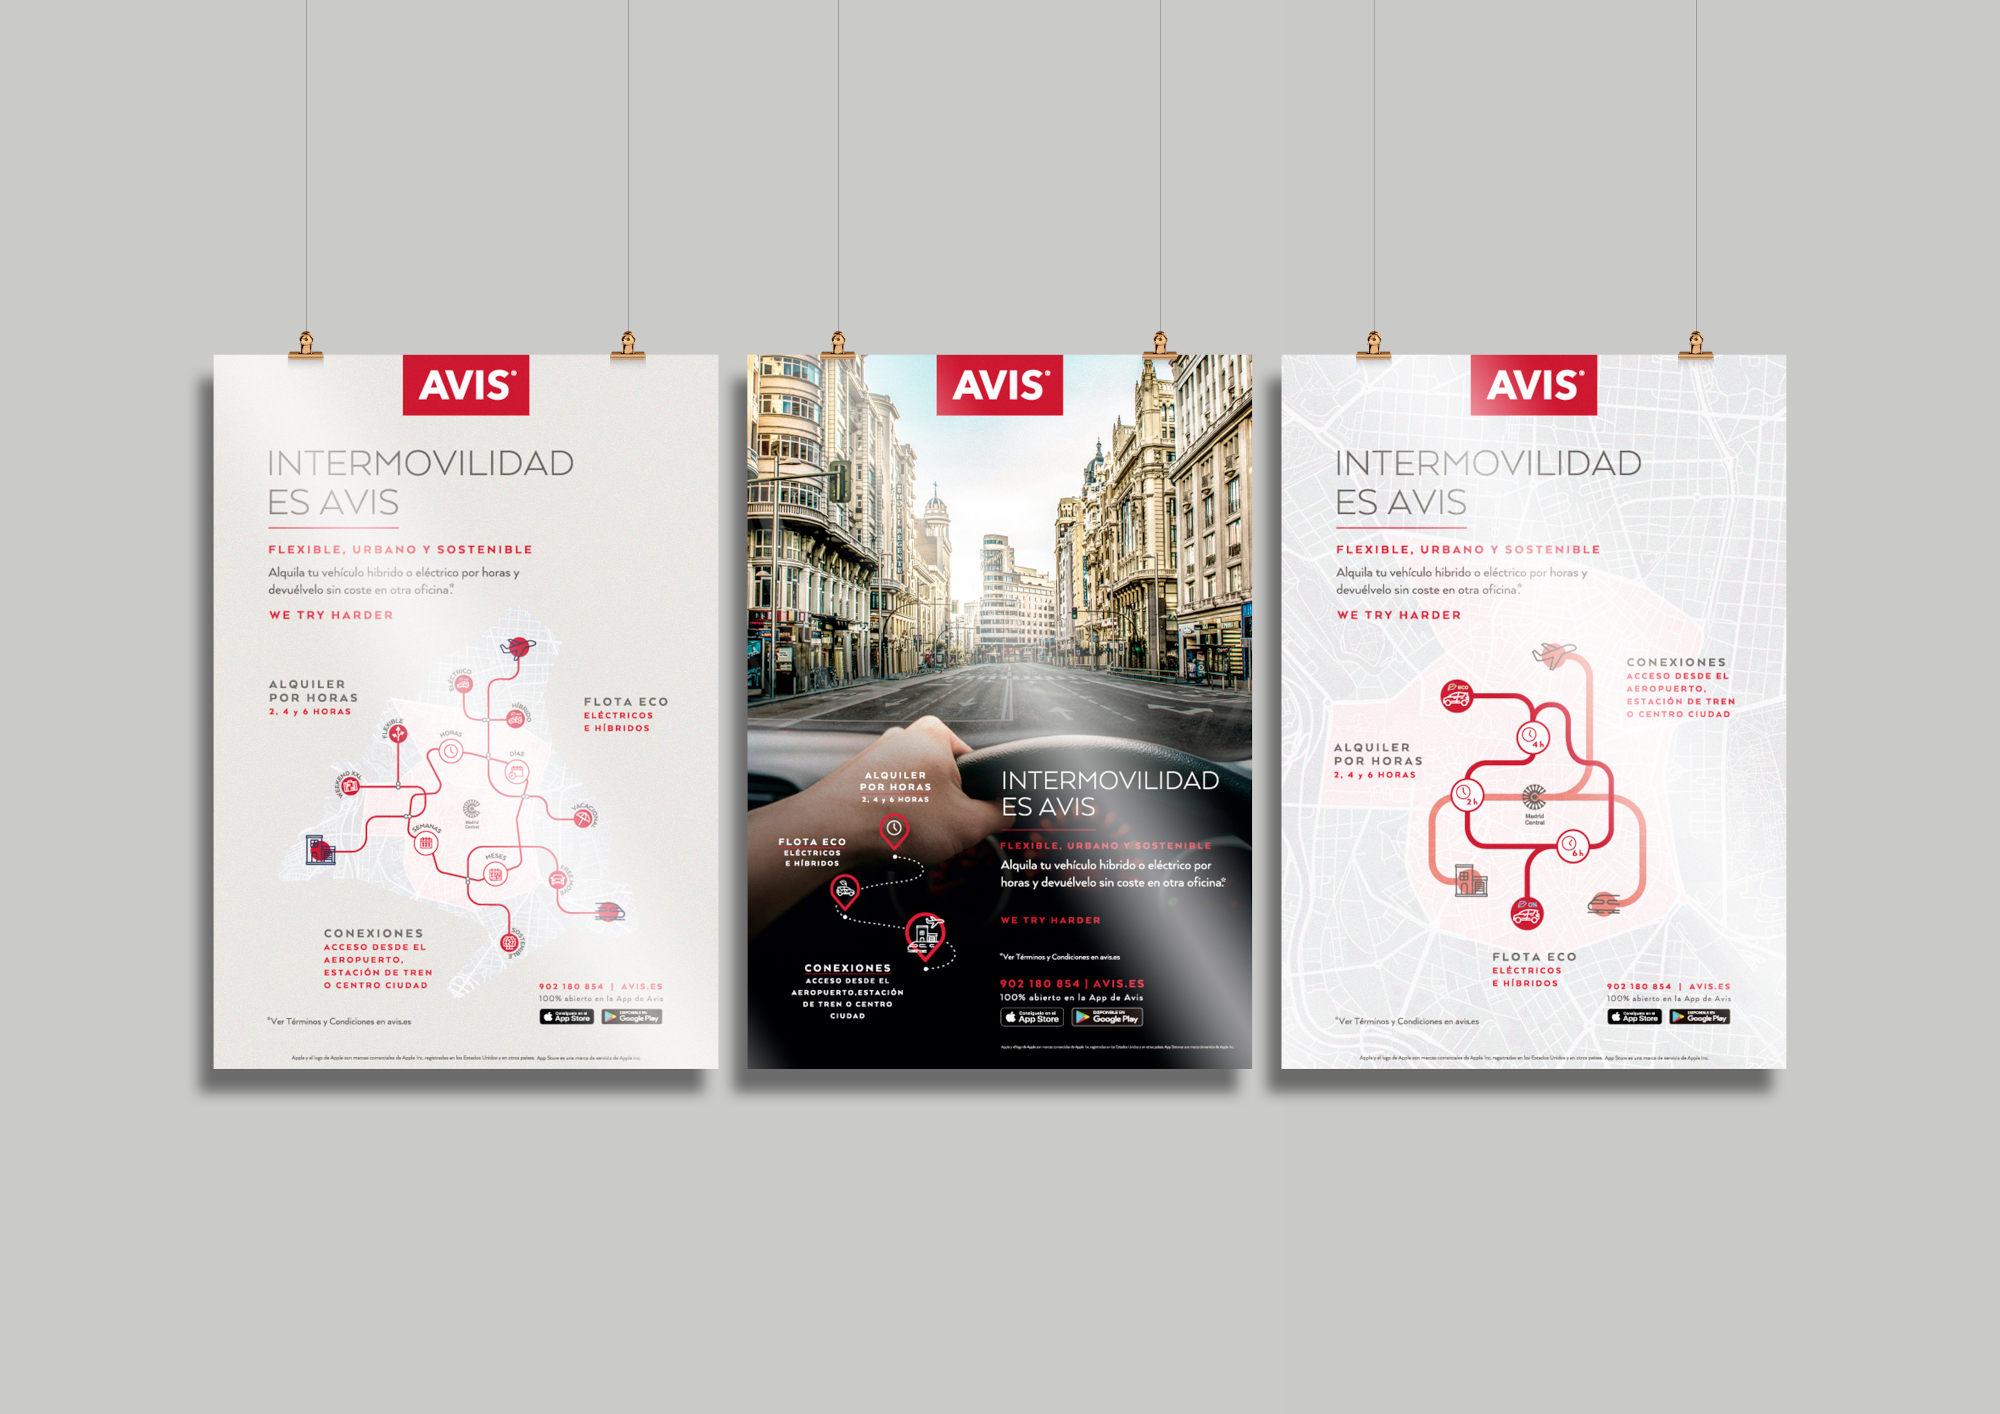 3 láminas de AVIS branding